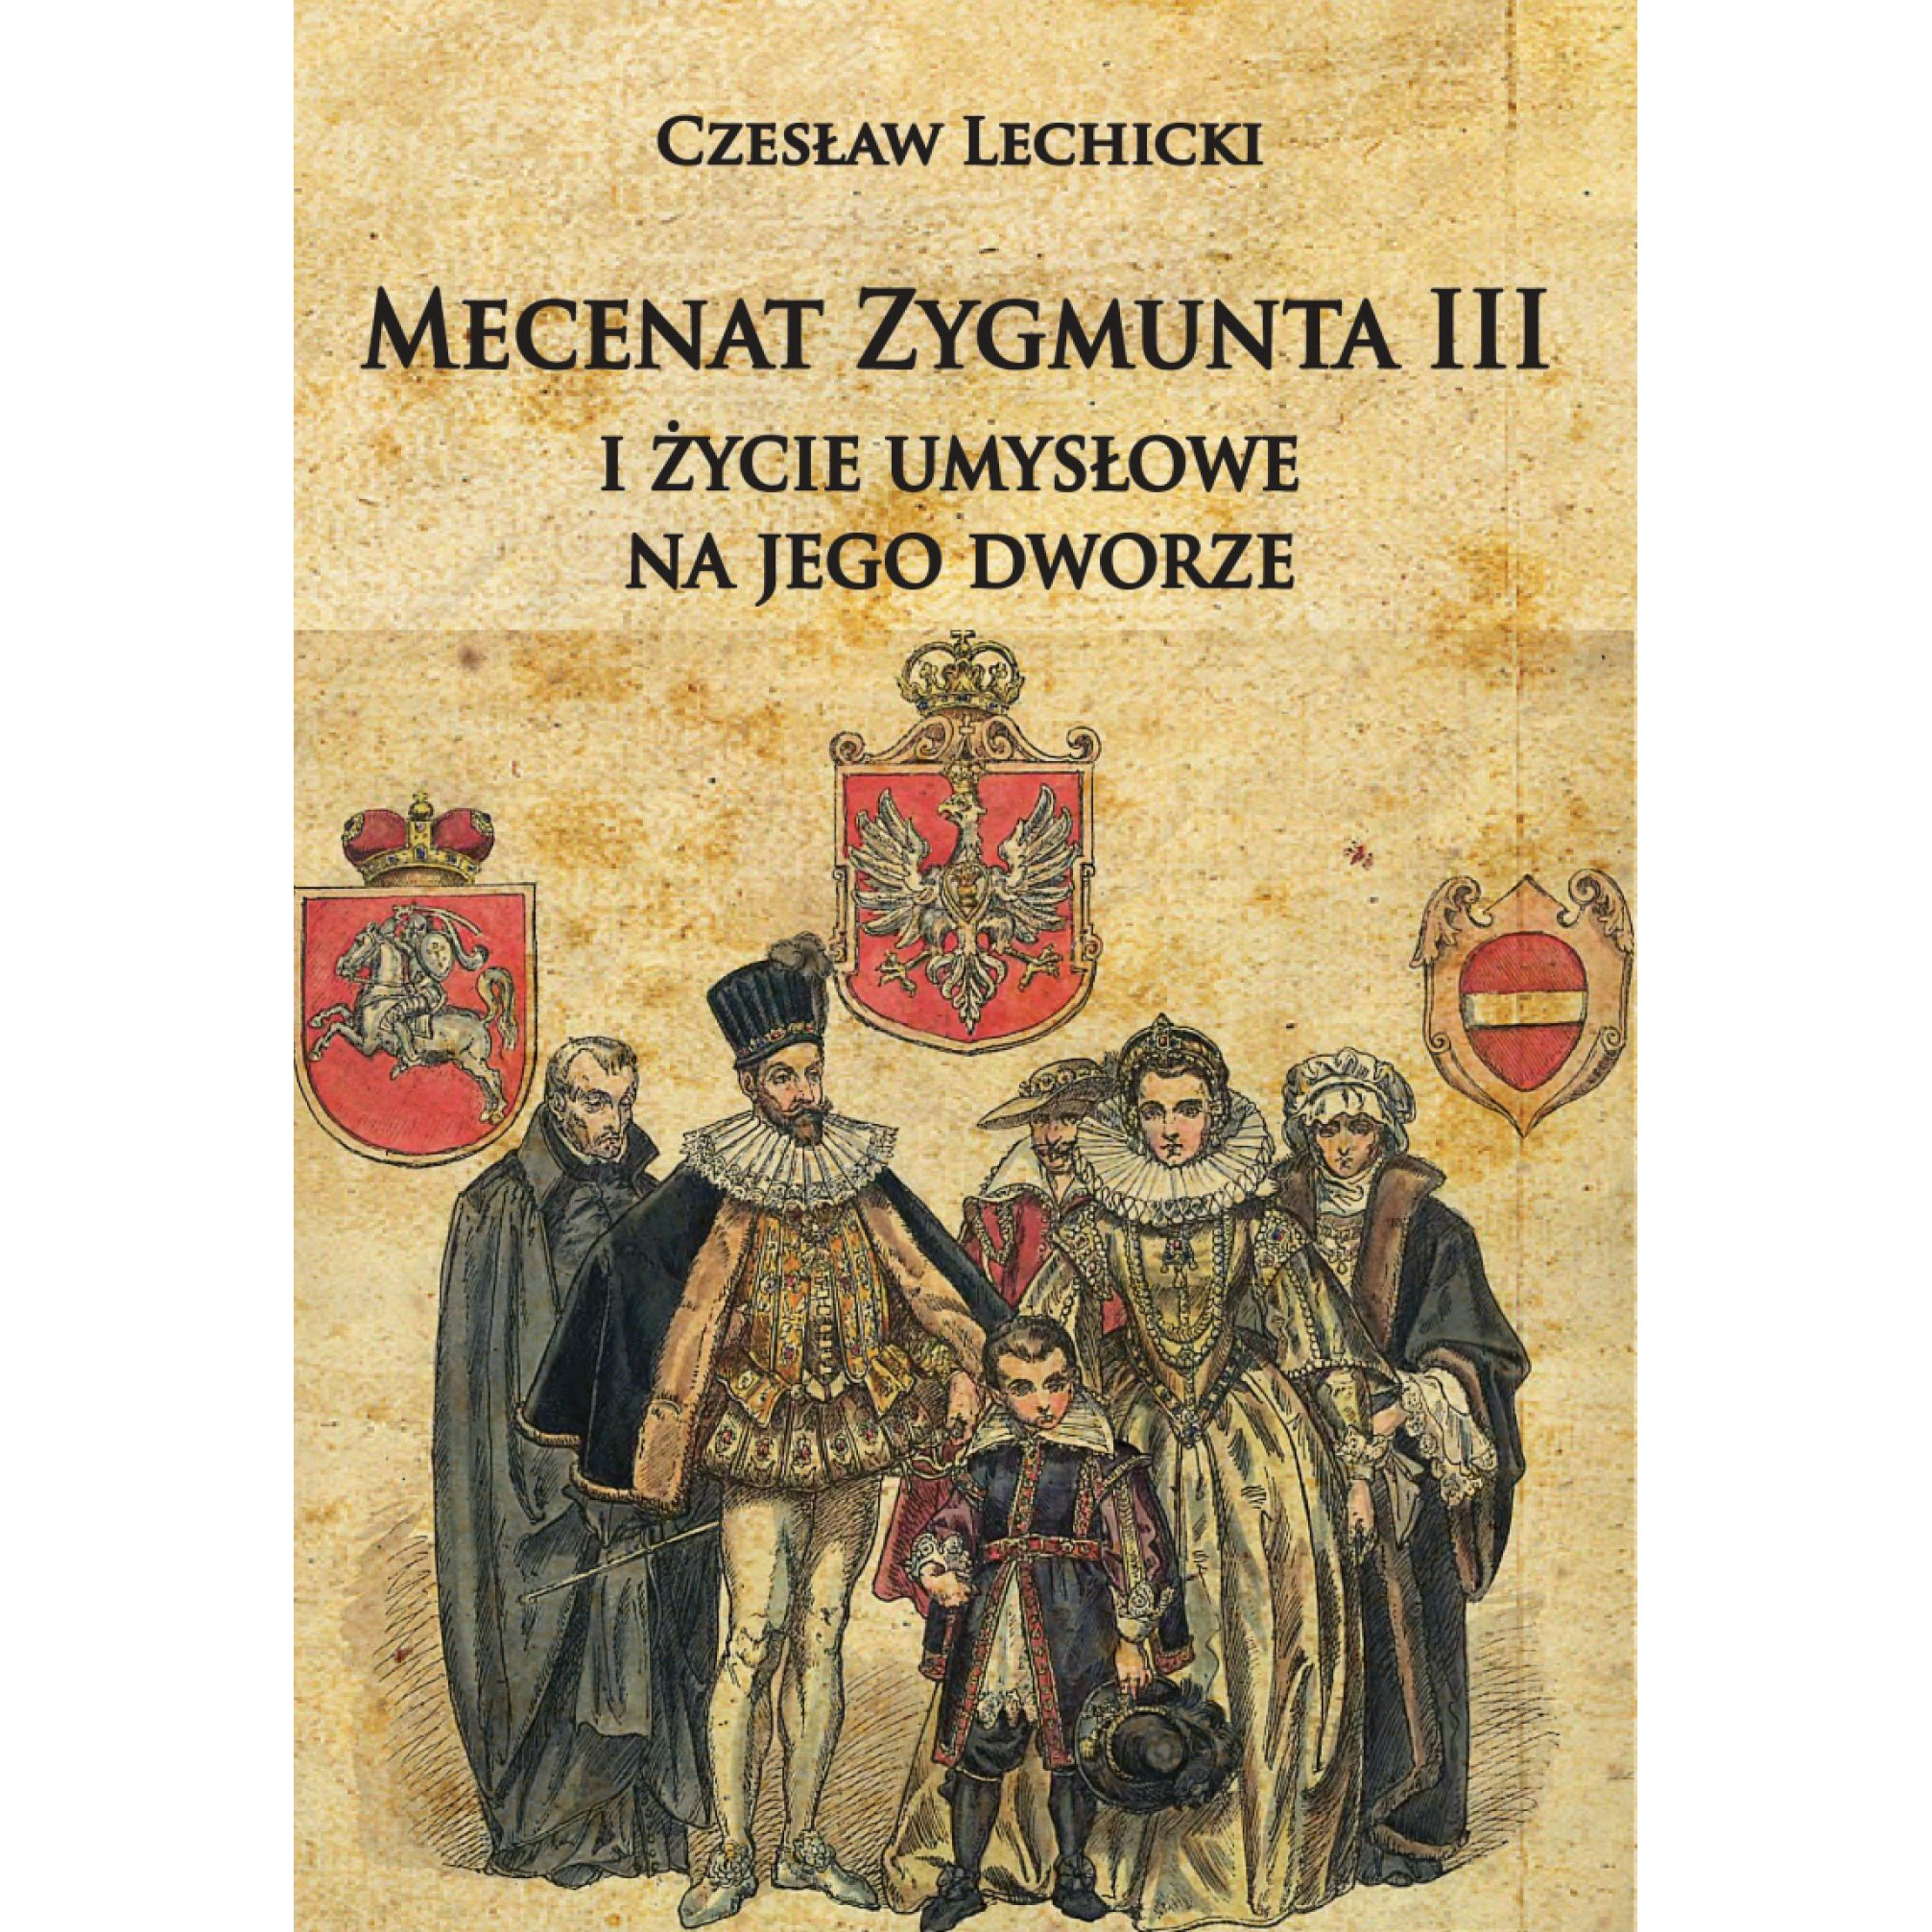 Mecenat Zygmunta III i życie umysłowe na jego dworze